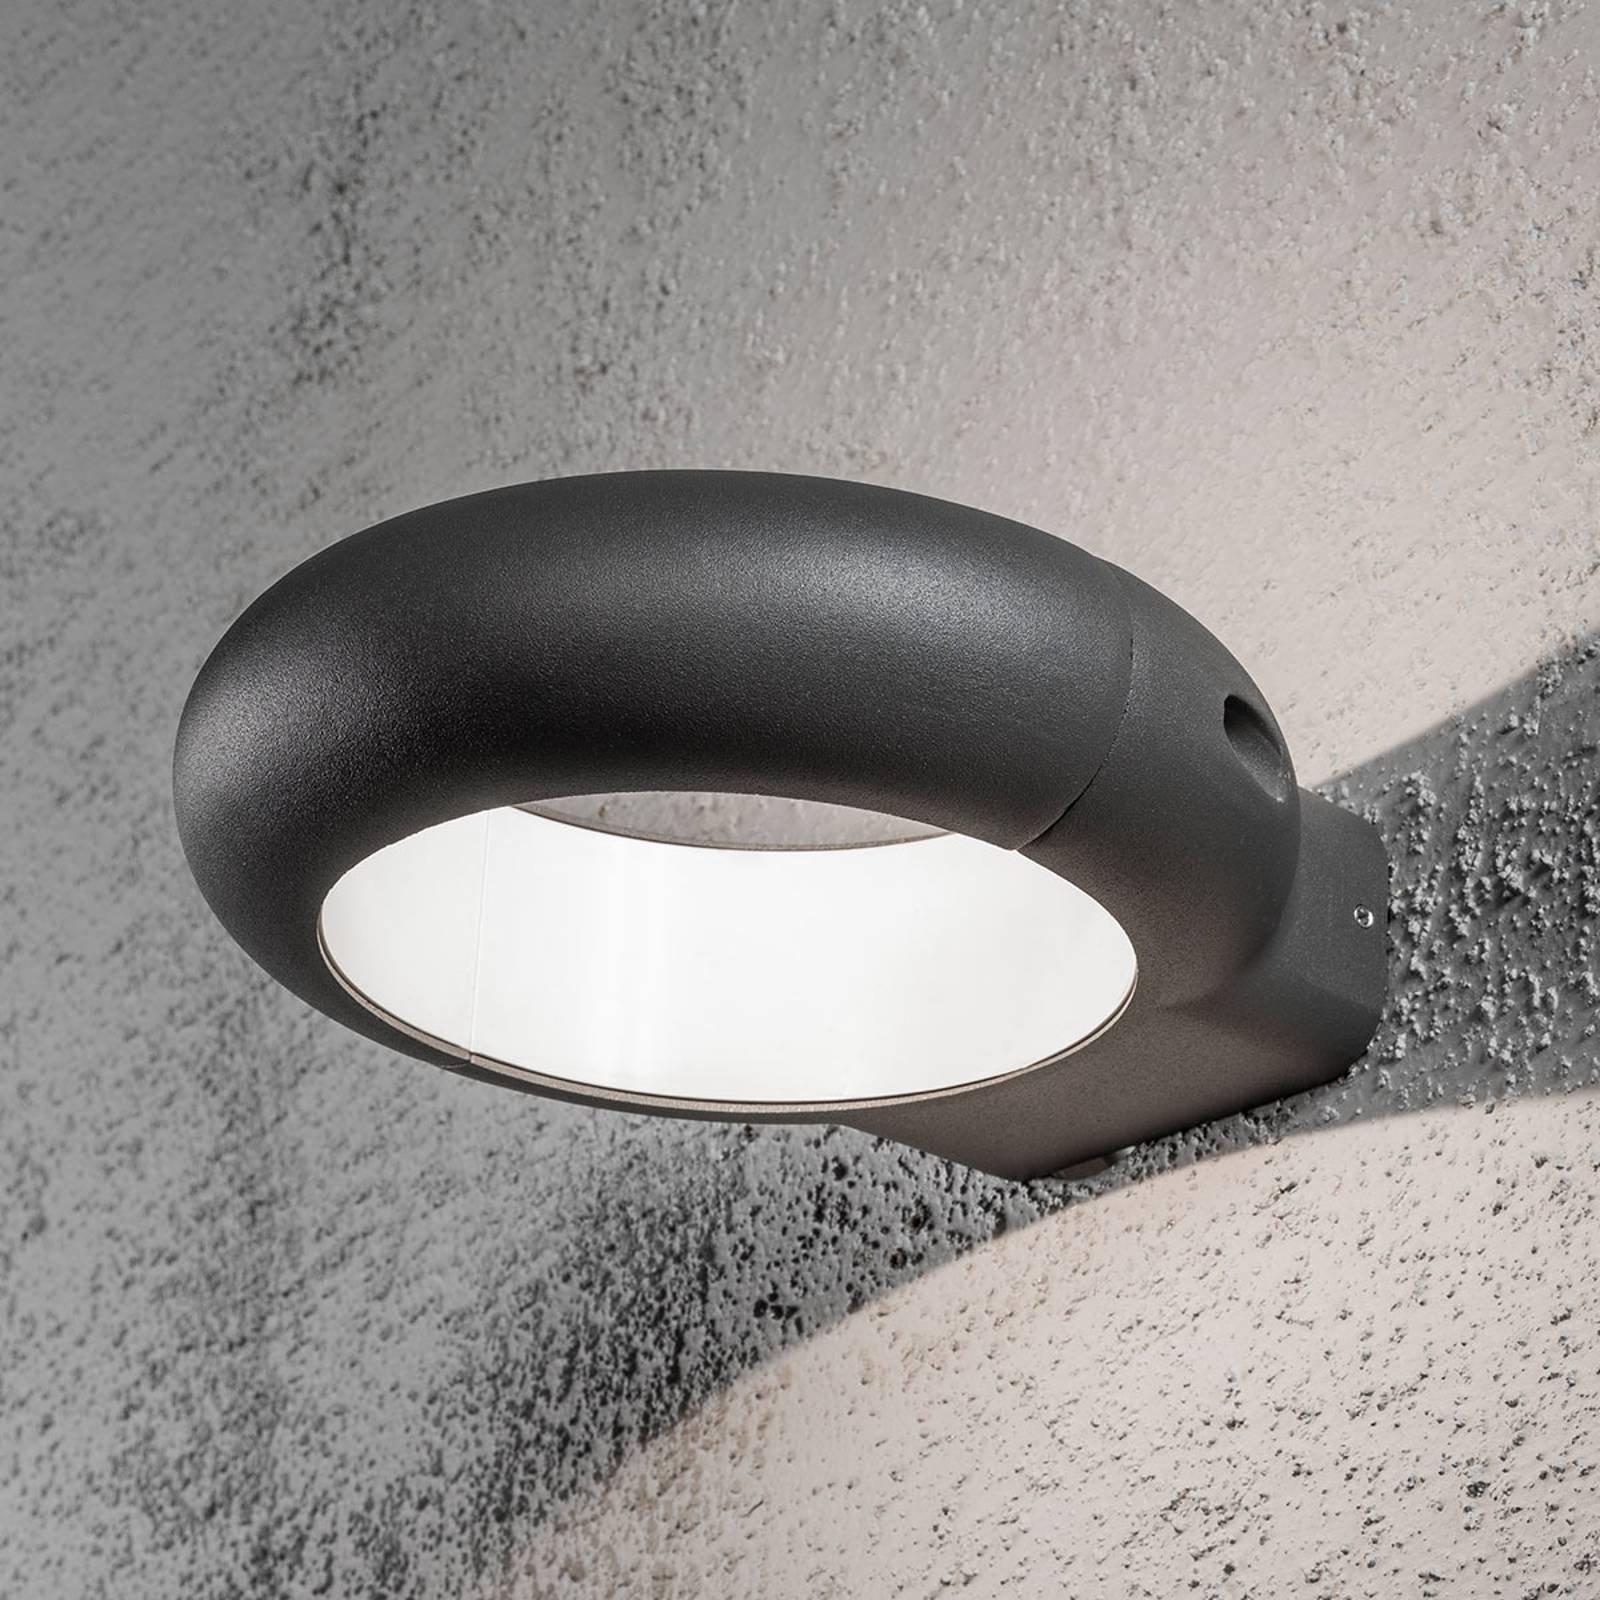 Rovigo ringformet utendørs LED-vegglampe